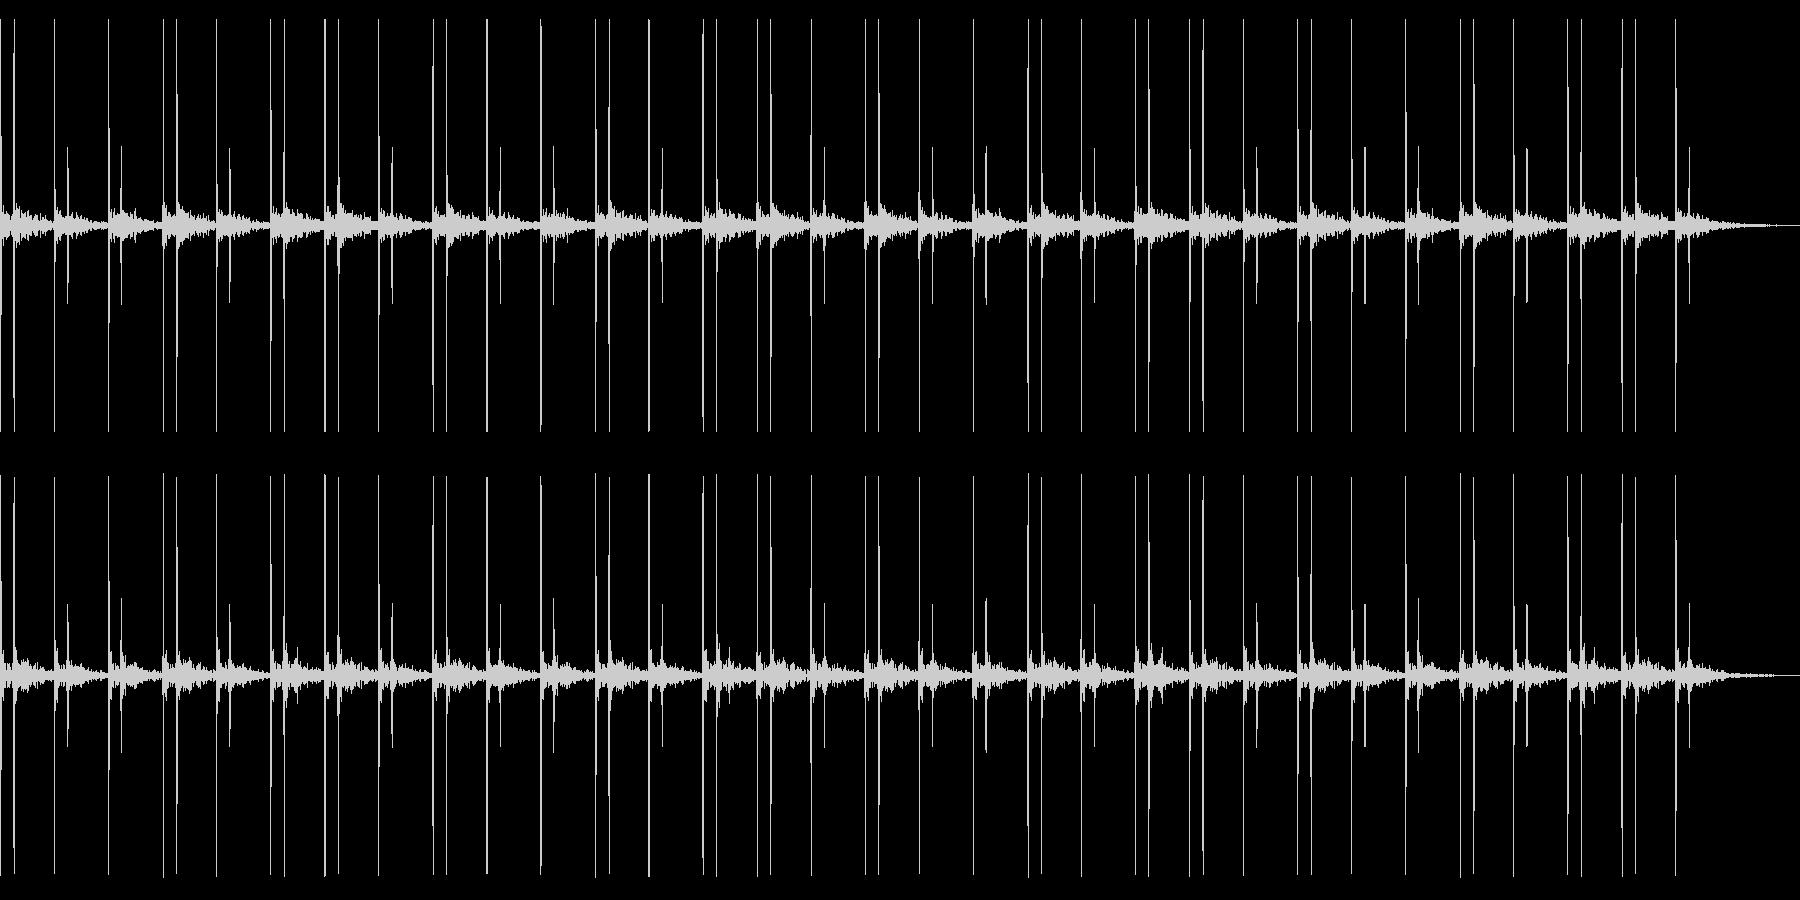 リバーブのかかった心臓音の未再生の波形